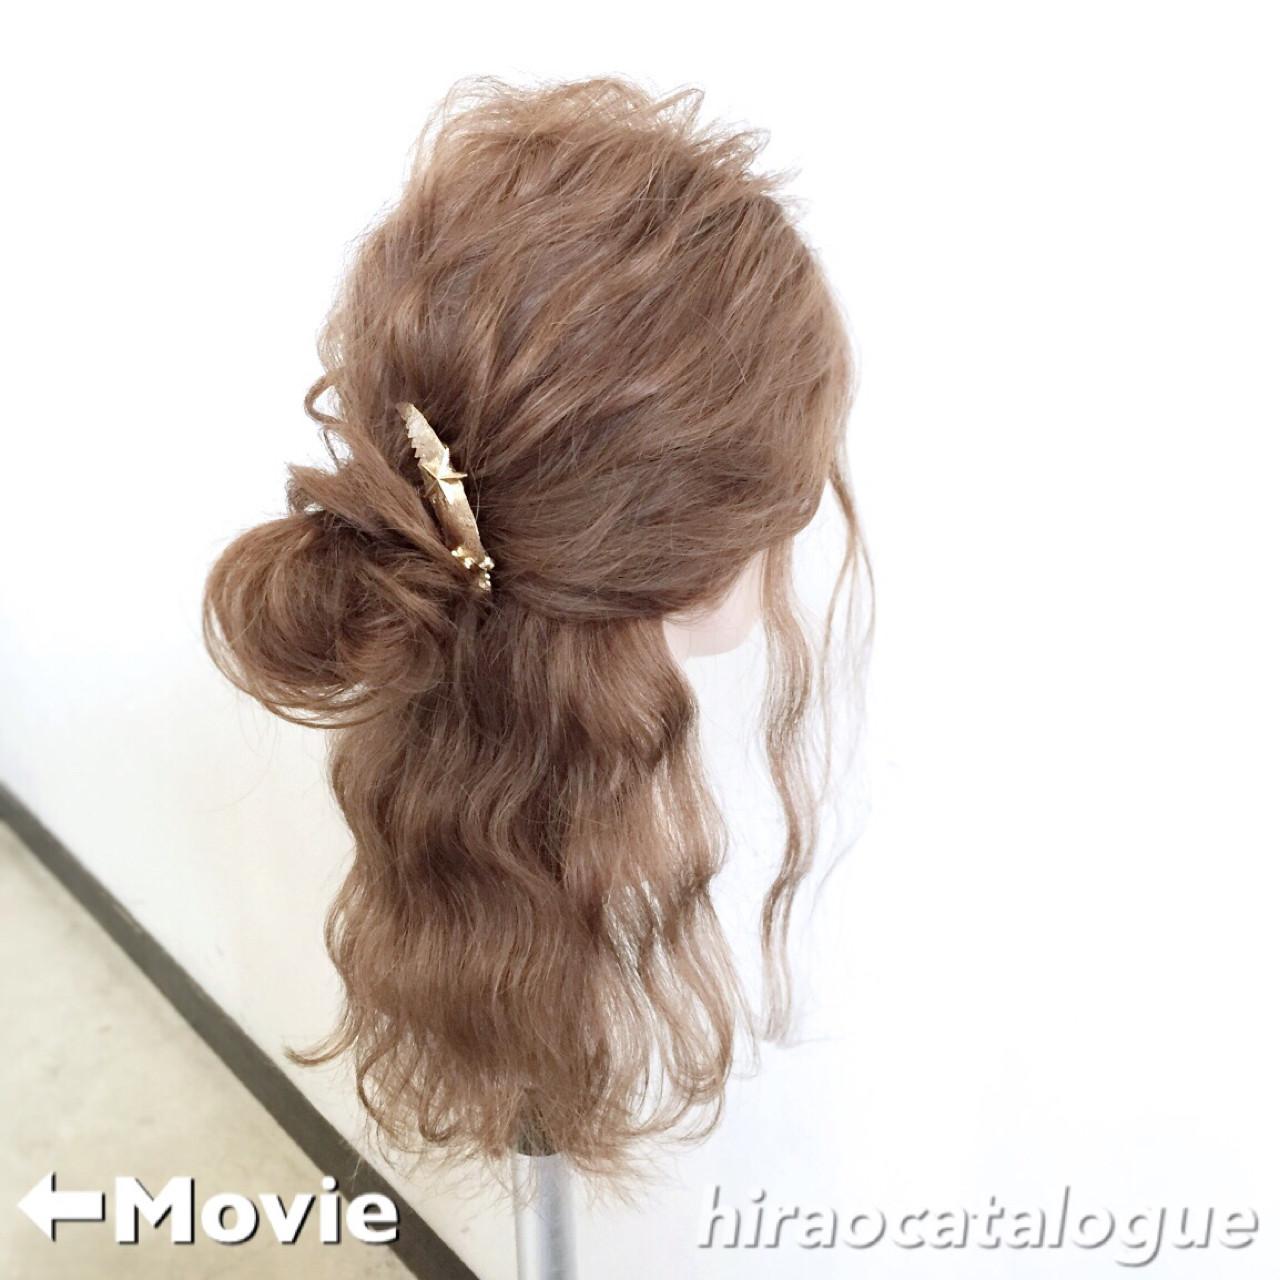 お団子 ショート ヘアアレンジ ハーフアップ ヘアスタイルや髪型の写真・画像